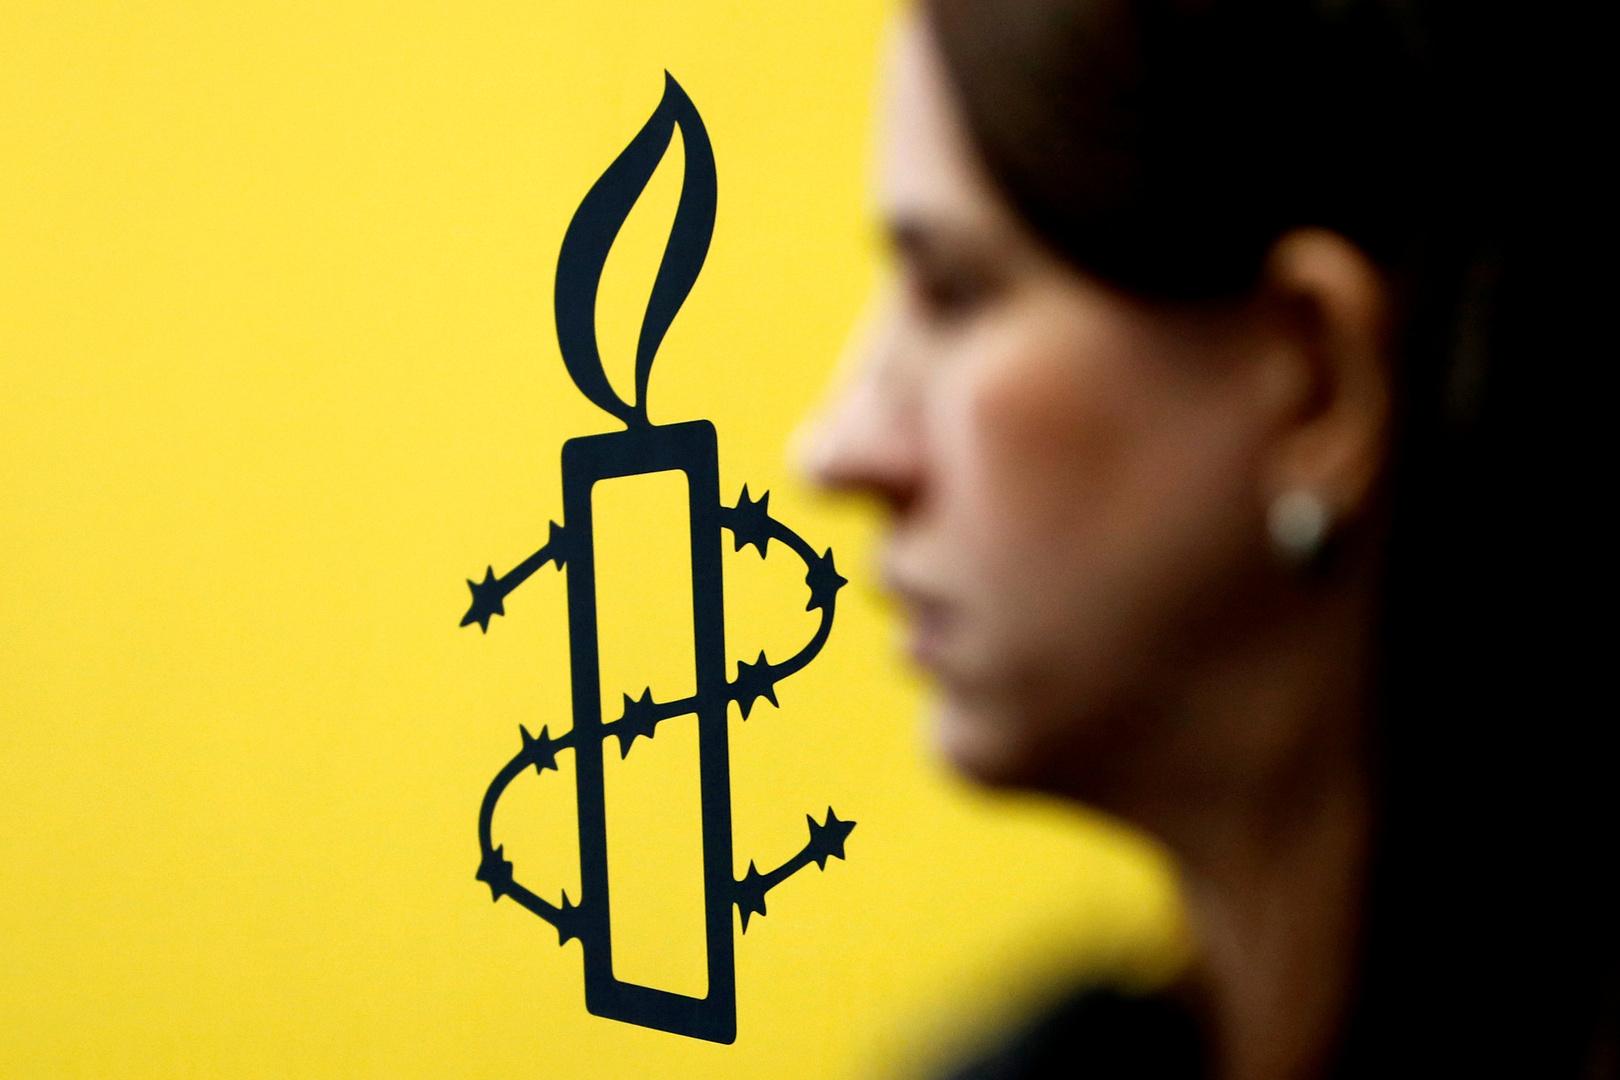 العفو الدولية: القمع الشديد للمسلمين في شينجيانغ يبلغ حد الجرائم ضد الإنسانية